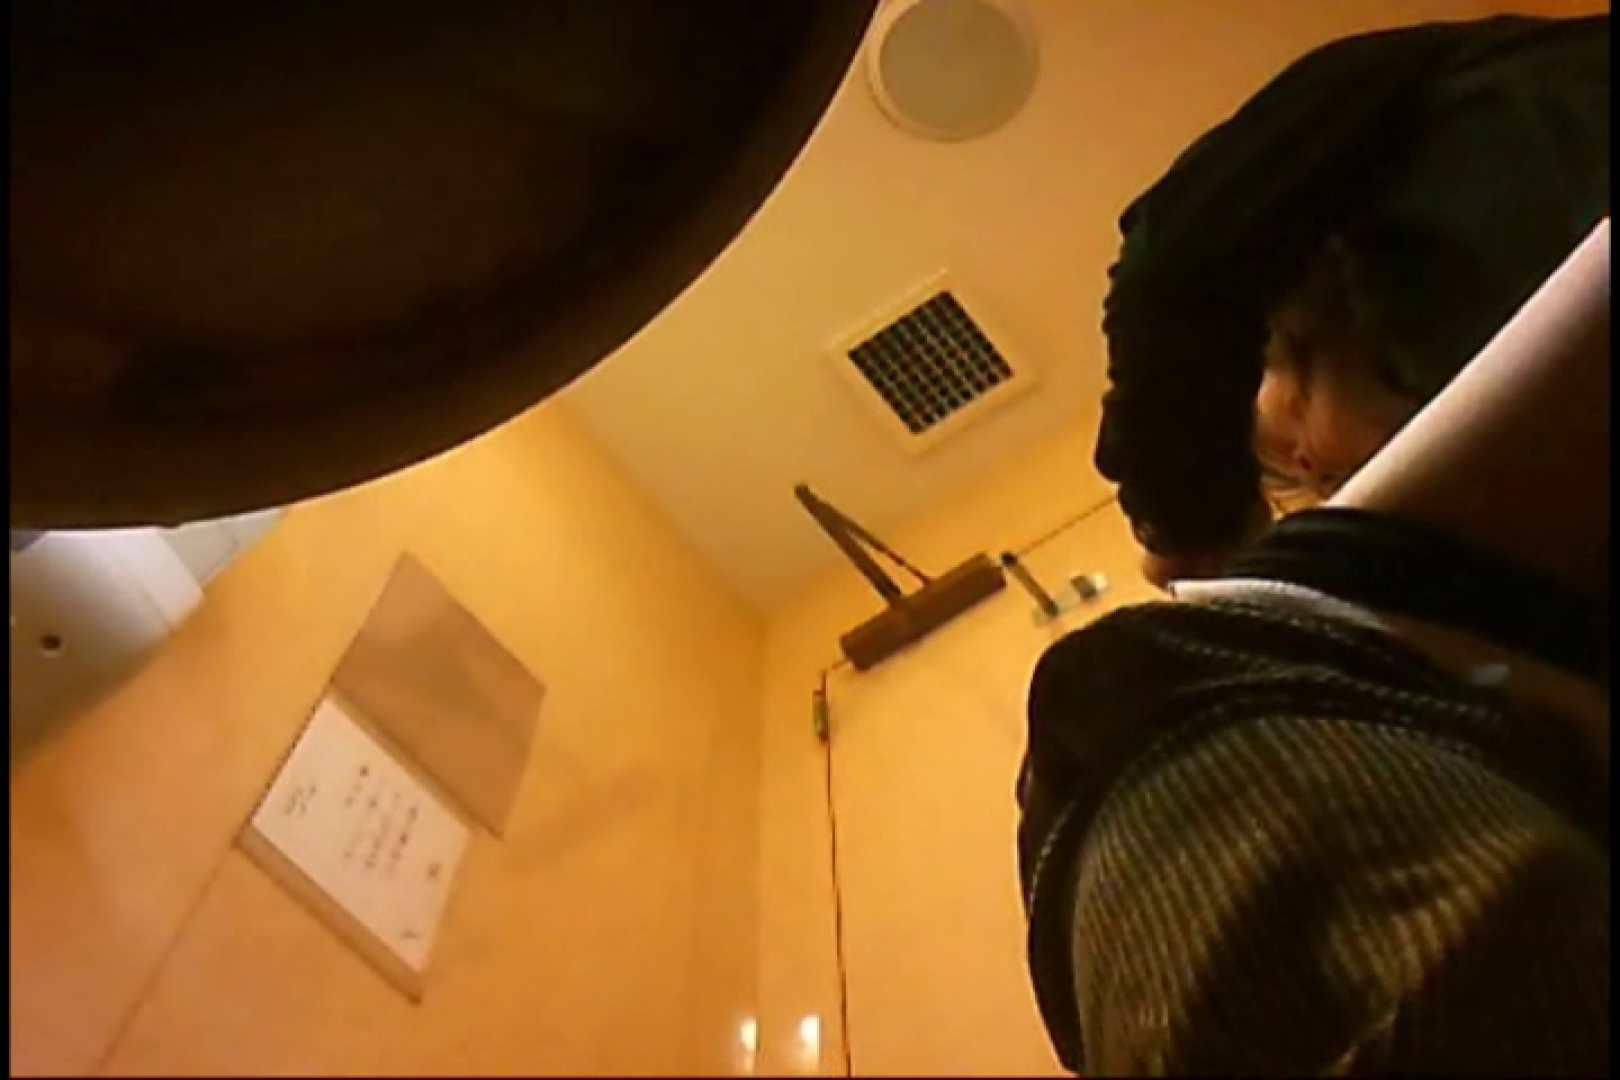 実録!魂の女子化粧室盗撮!!~隠れ潜む特殊カメラ~vo,20 熟女のエロ動画 おまんこ無修正動画無料 108PIX 67